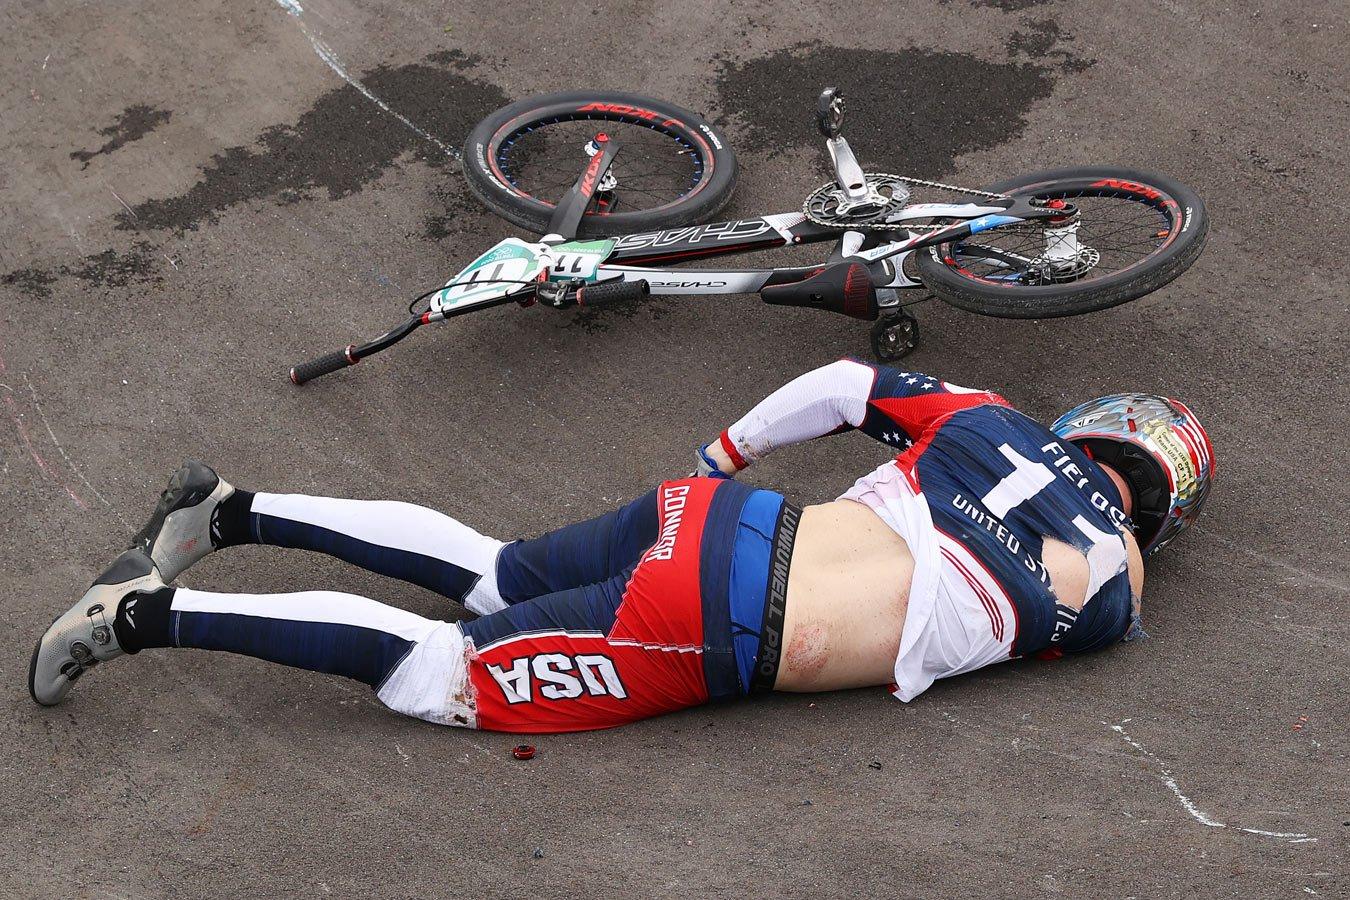 Страшное падение на Олимпиаде.